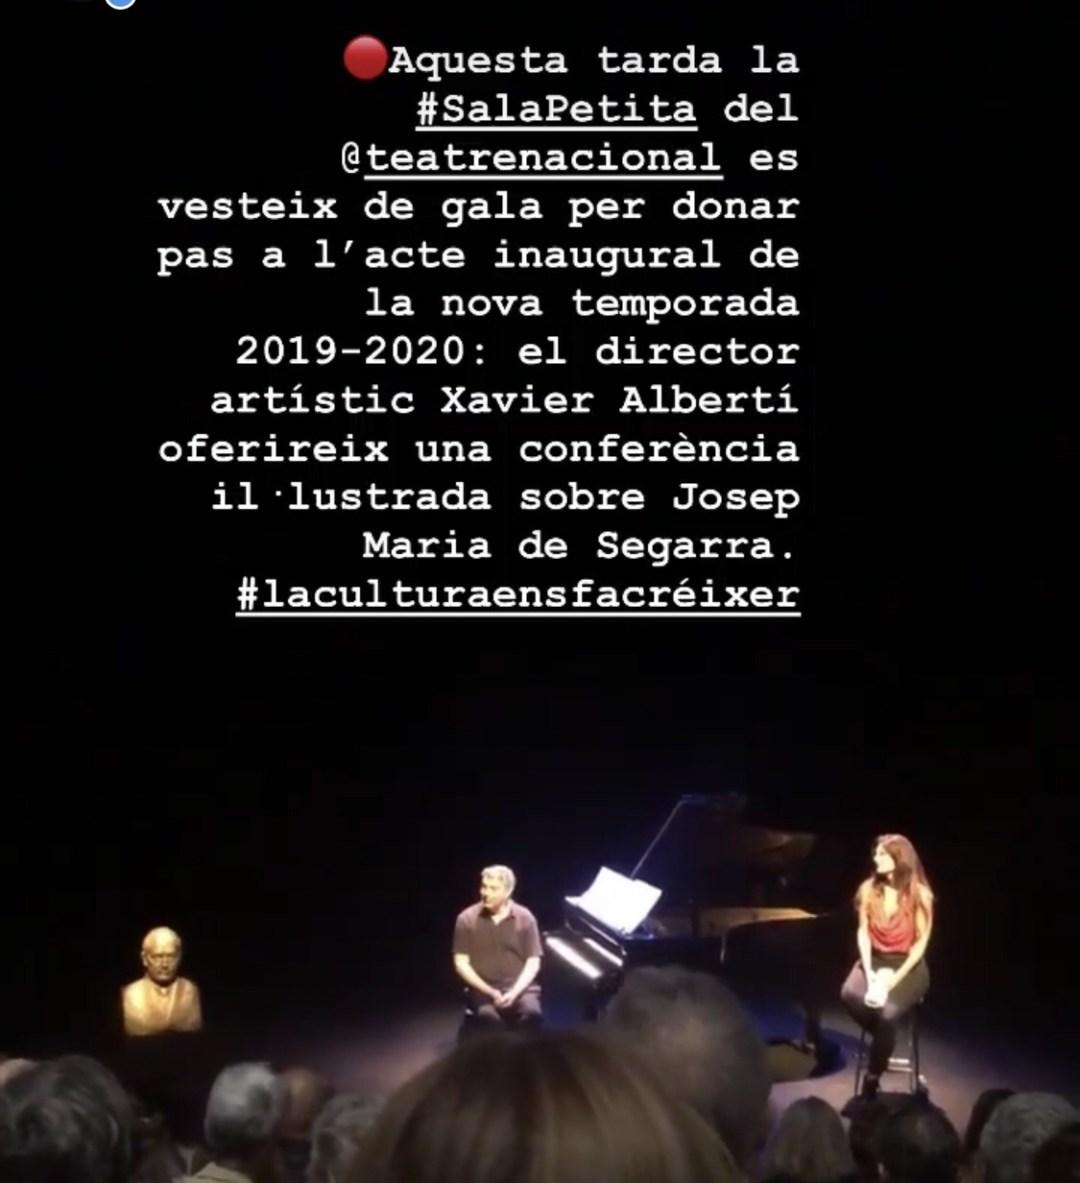 Així va ser la inauguració de la nova temporada 2019-2020 del Teatre Nacional